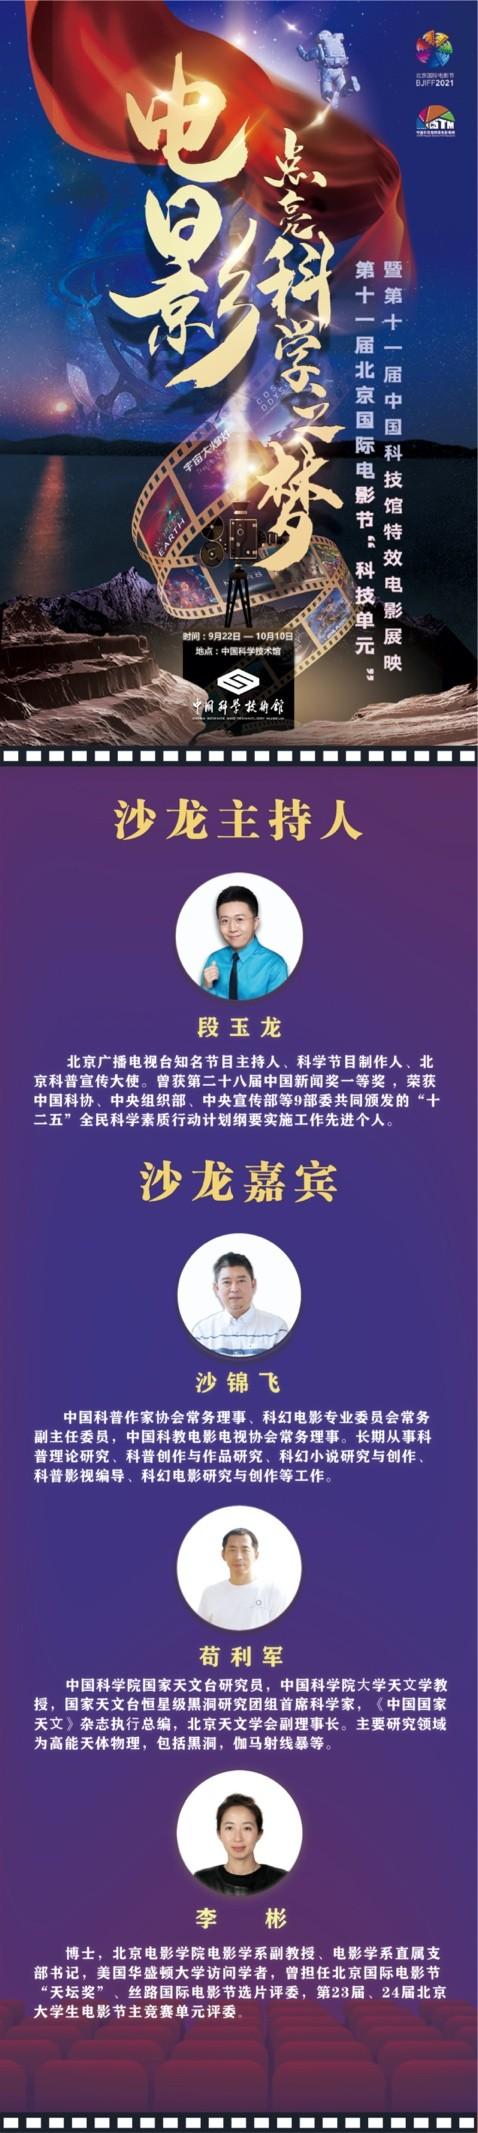 """电影VS科幻! 第十一届北京国际电影节""""科技单元"""" 线上启动式及首场沙龙活动,即将上线"""